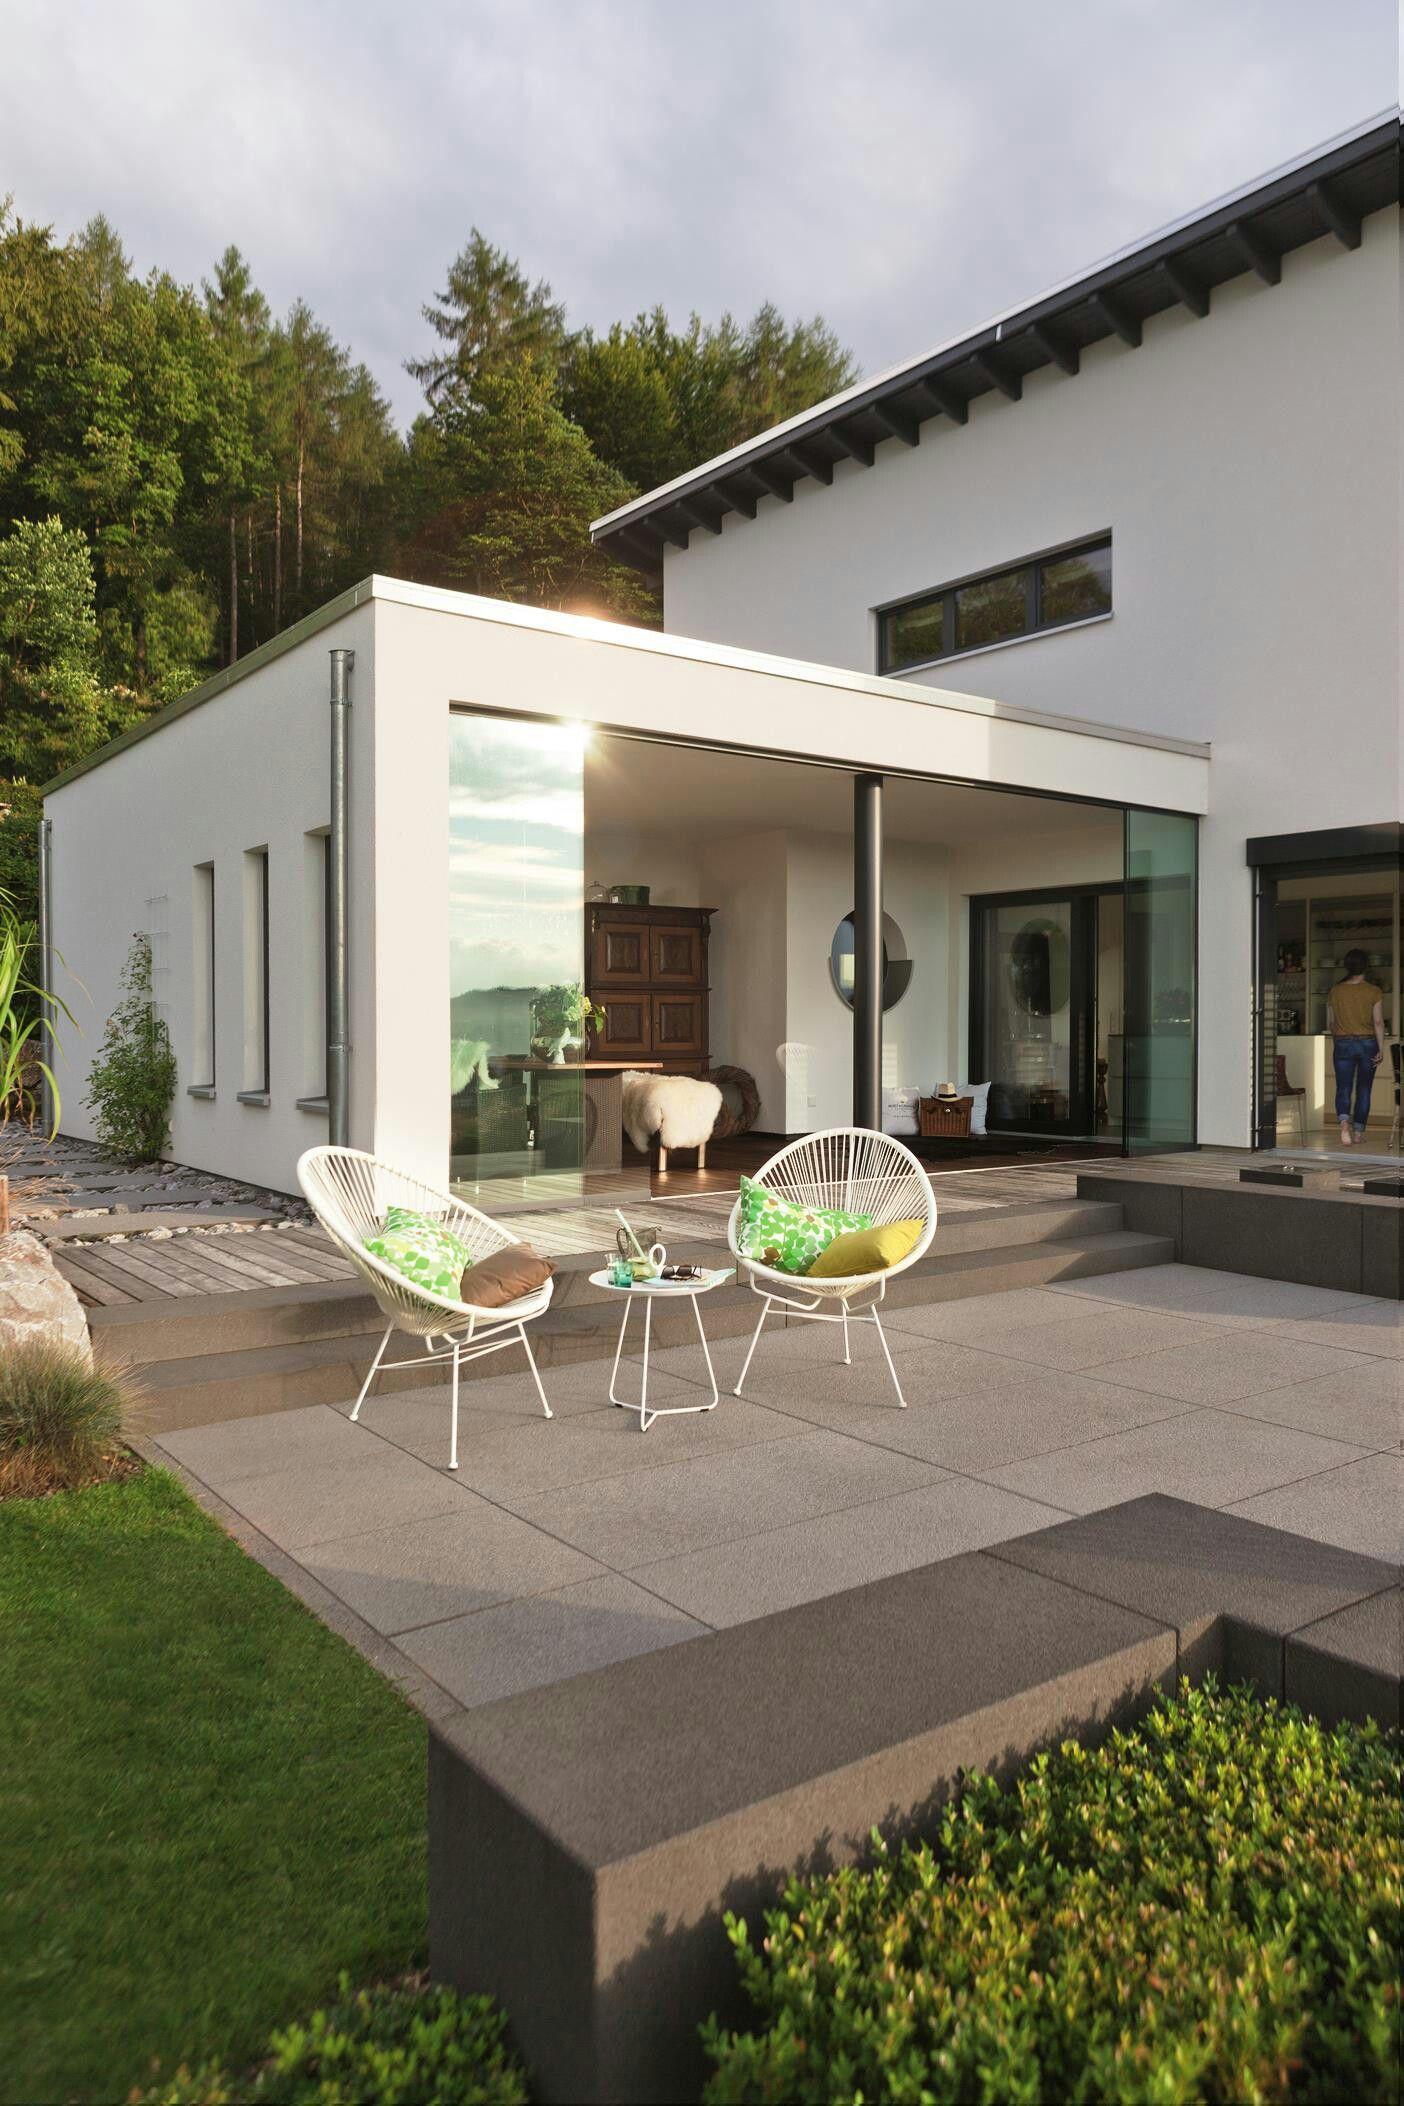 Schön Kleine Terrasse Gestalten Design